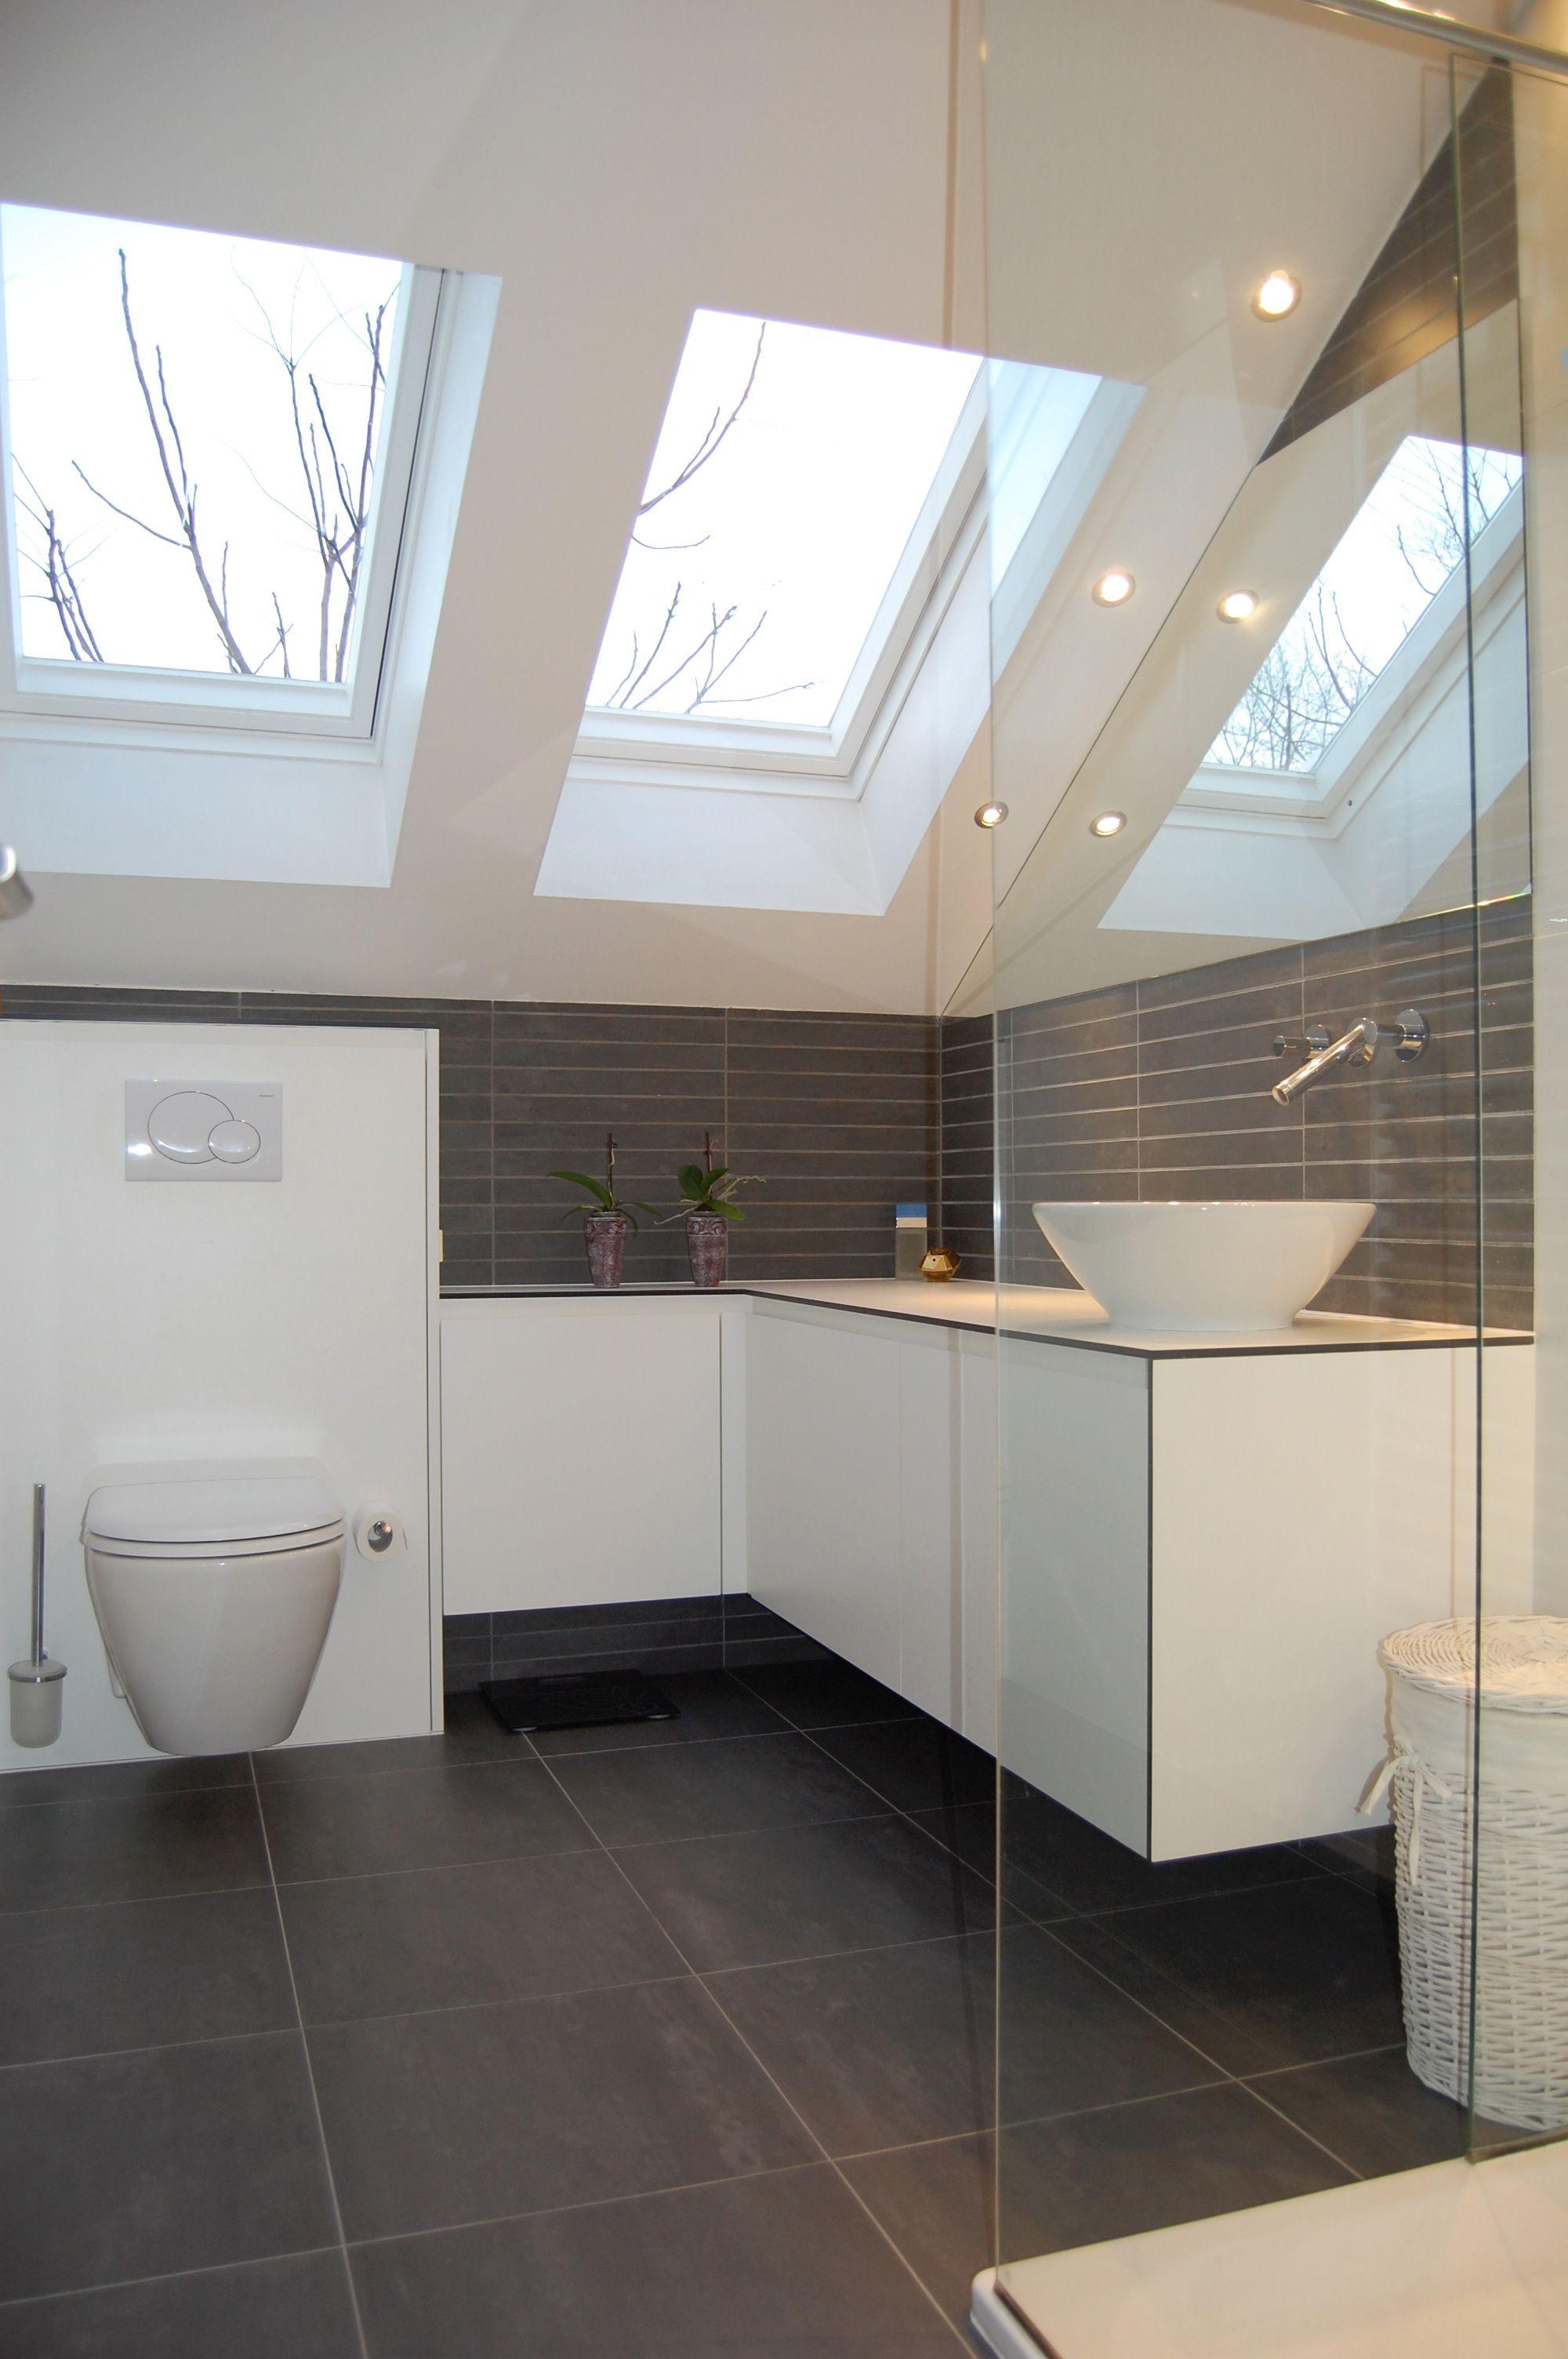 Mooie badkamer, alleen de dakramen zijn niet goed afgewerkt ...